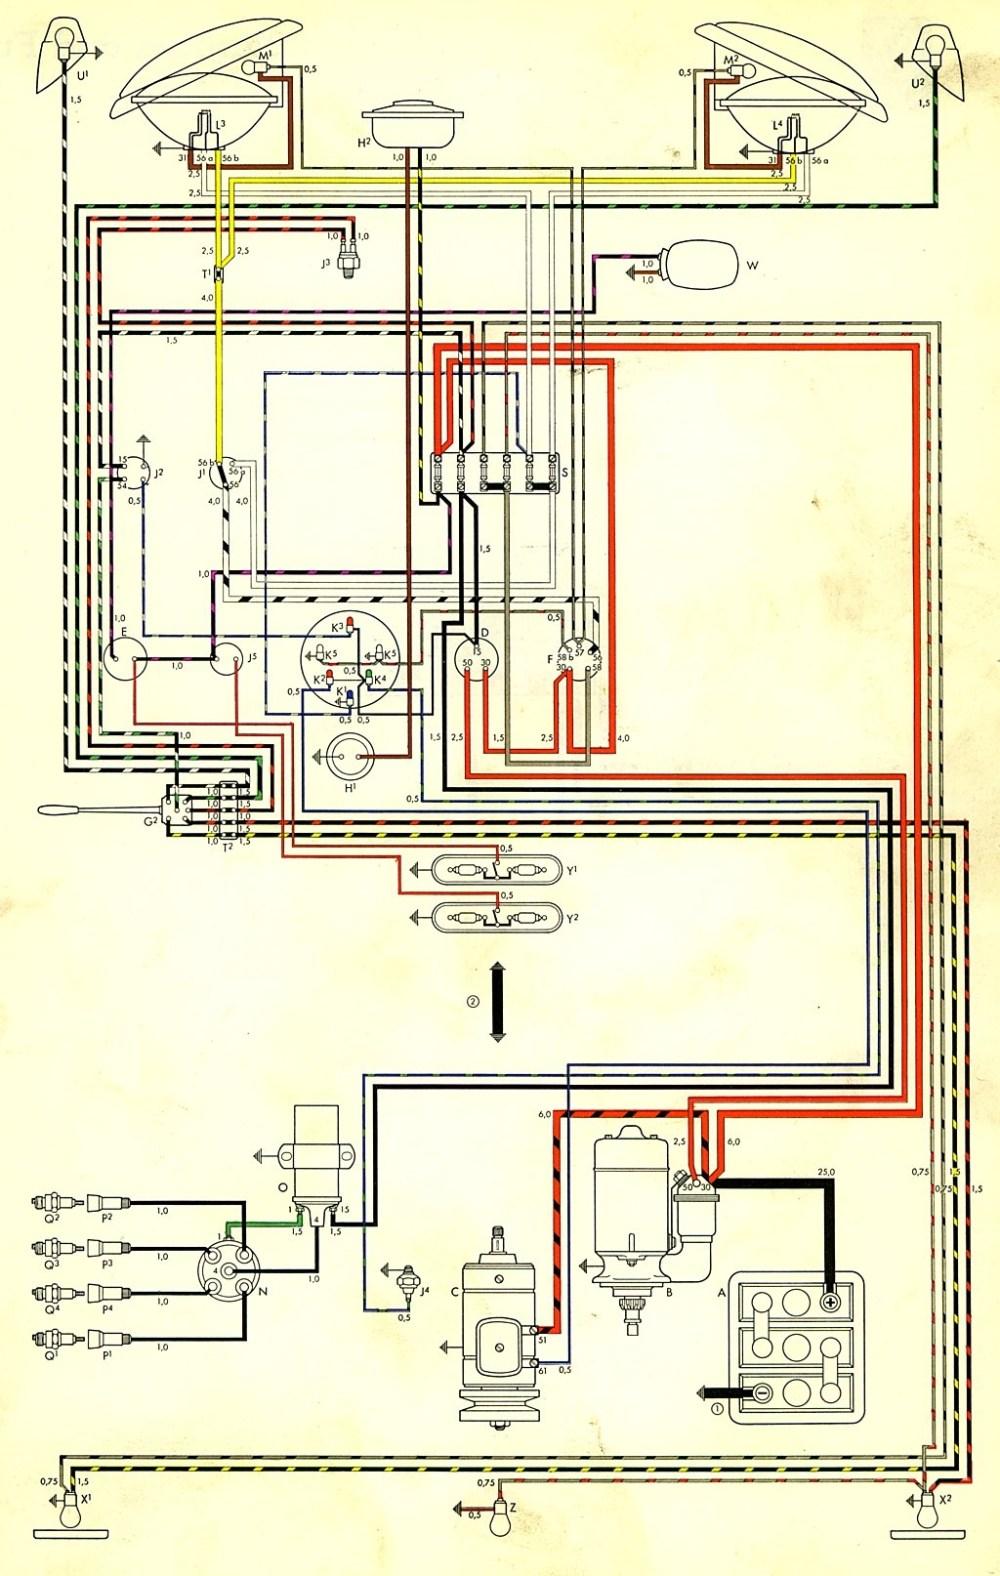 medium resolution of 2001 vw beetle wiring diagram